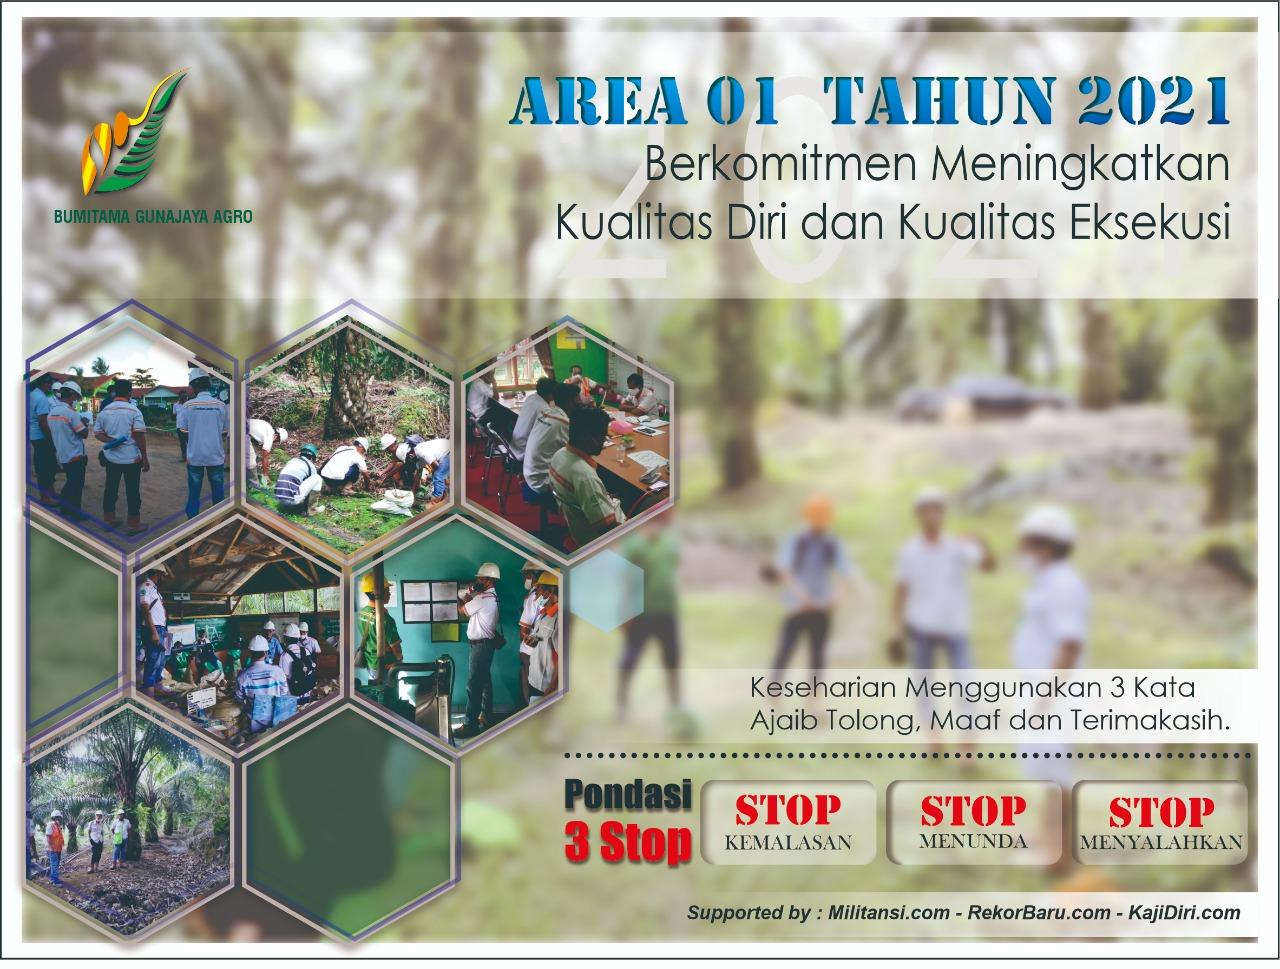 Area 1 - Kualitas Diri dan Kualitas Eksekusi - Untuk Baliho 1 titik Ukuran 4 m x 3 m